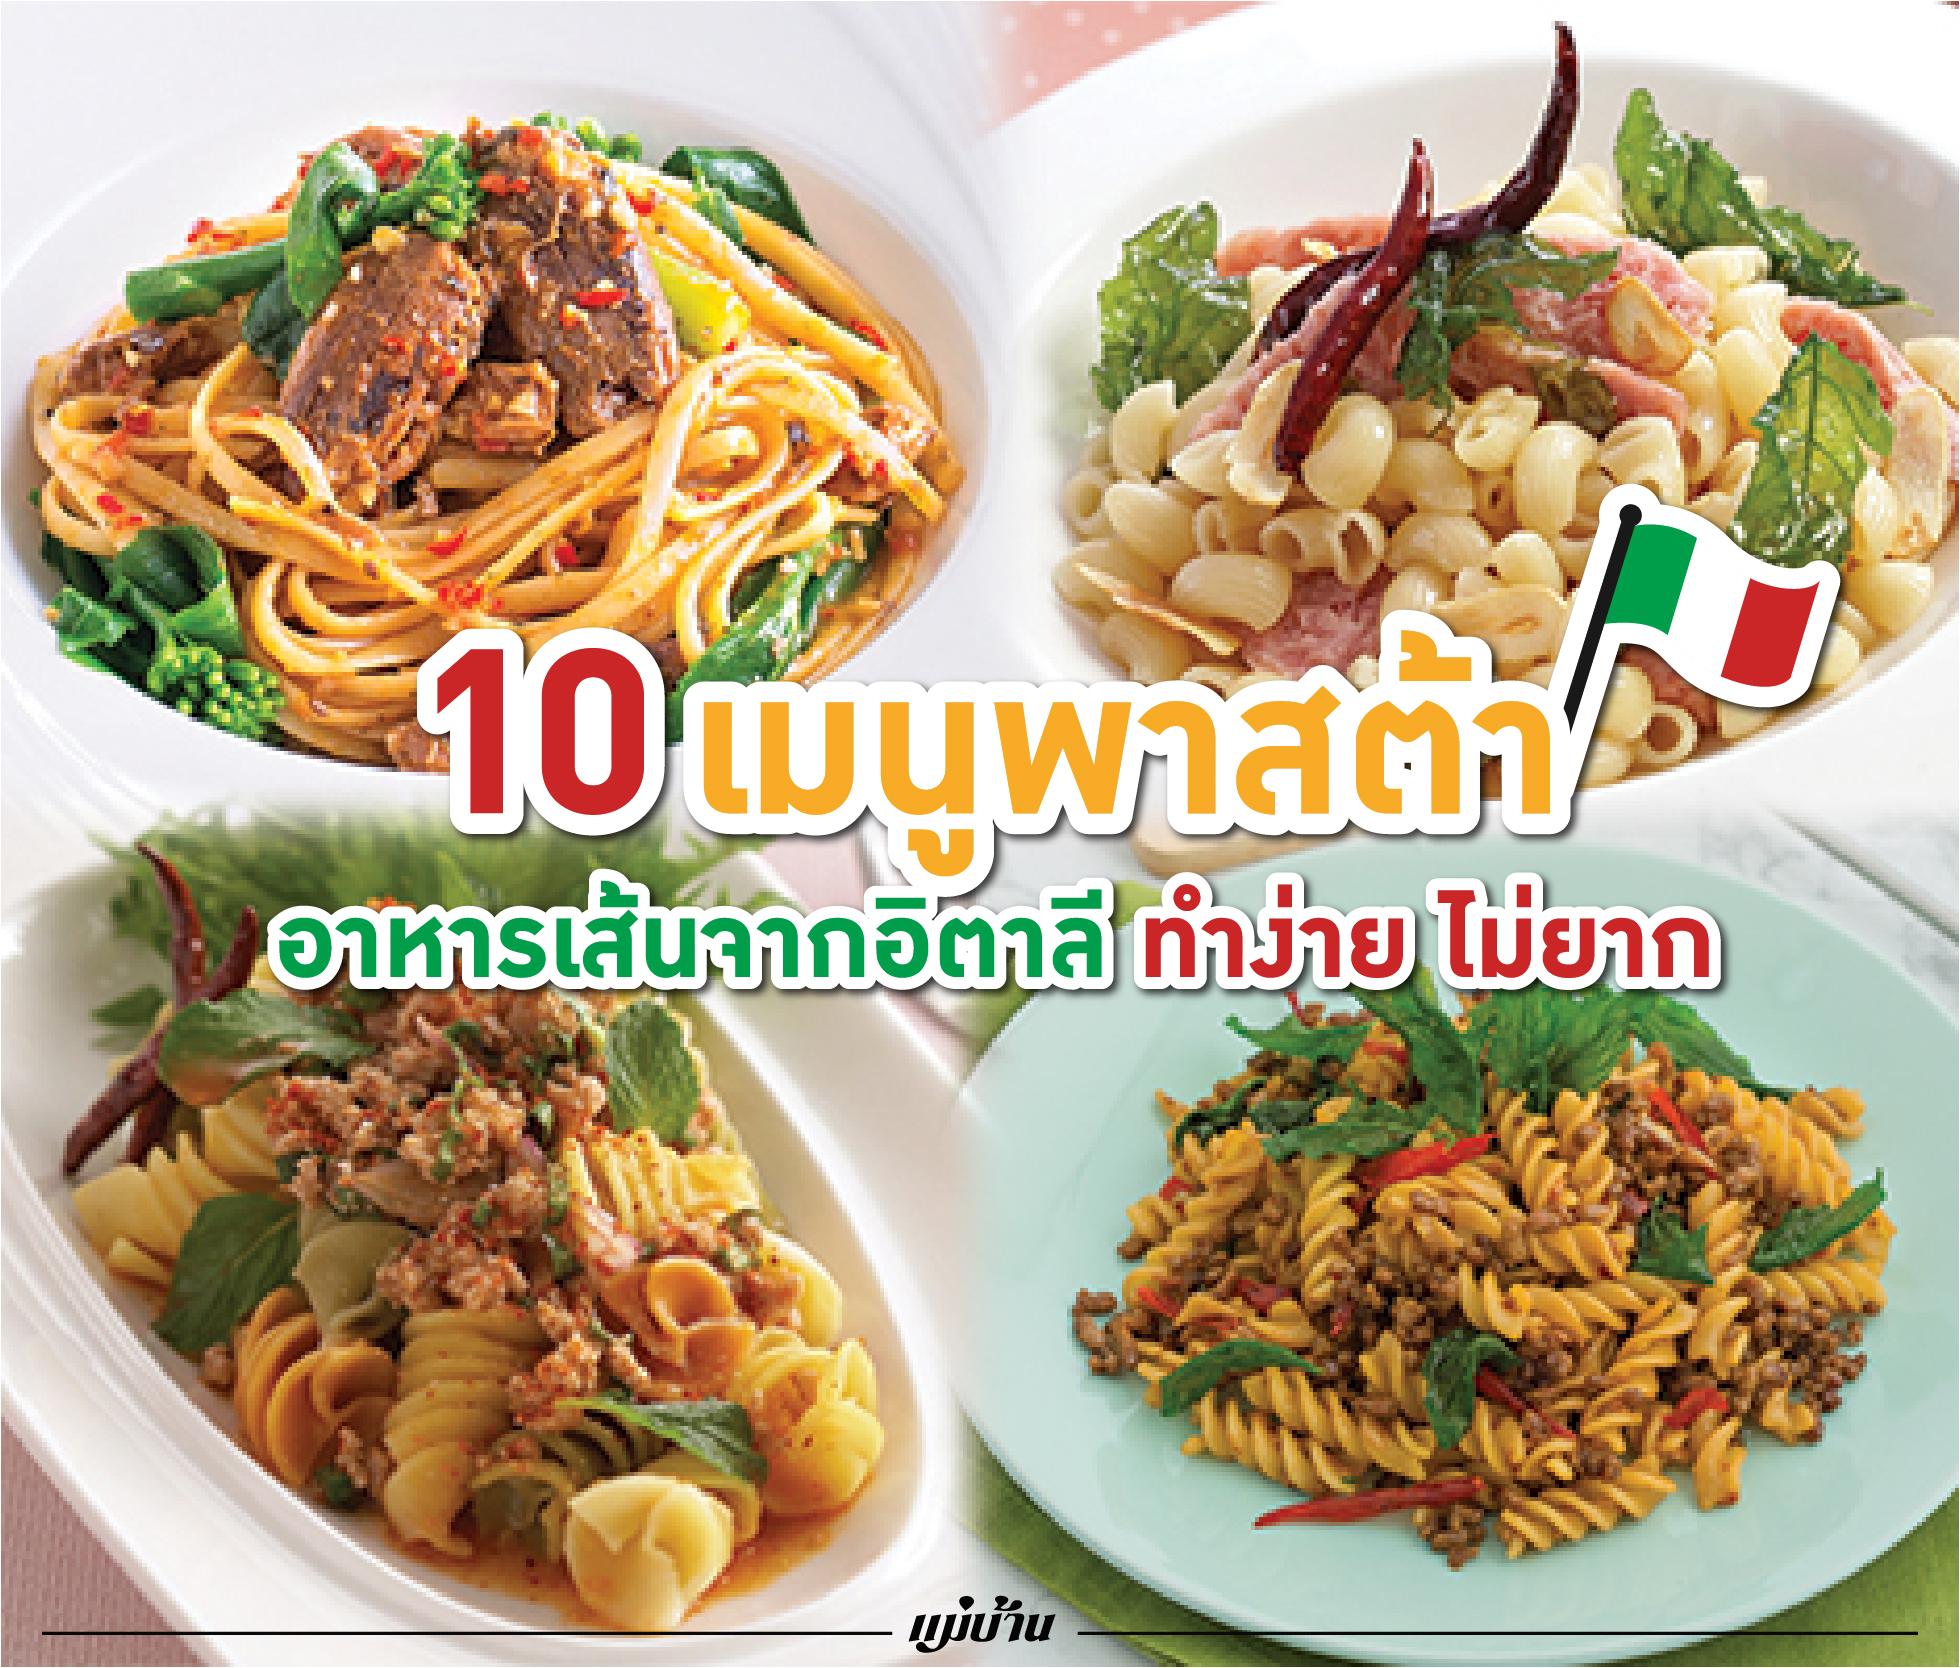 10 เมนูพาสต้า อาหารเส้นจากอิตาลี ทำง่าย ไม่ยาก สำนักพิมพ์แม่บ้าน